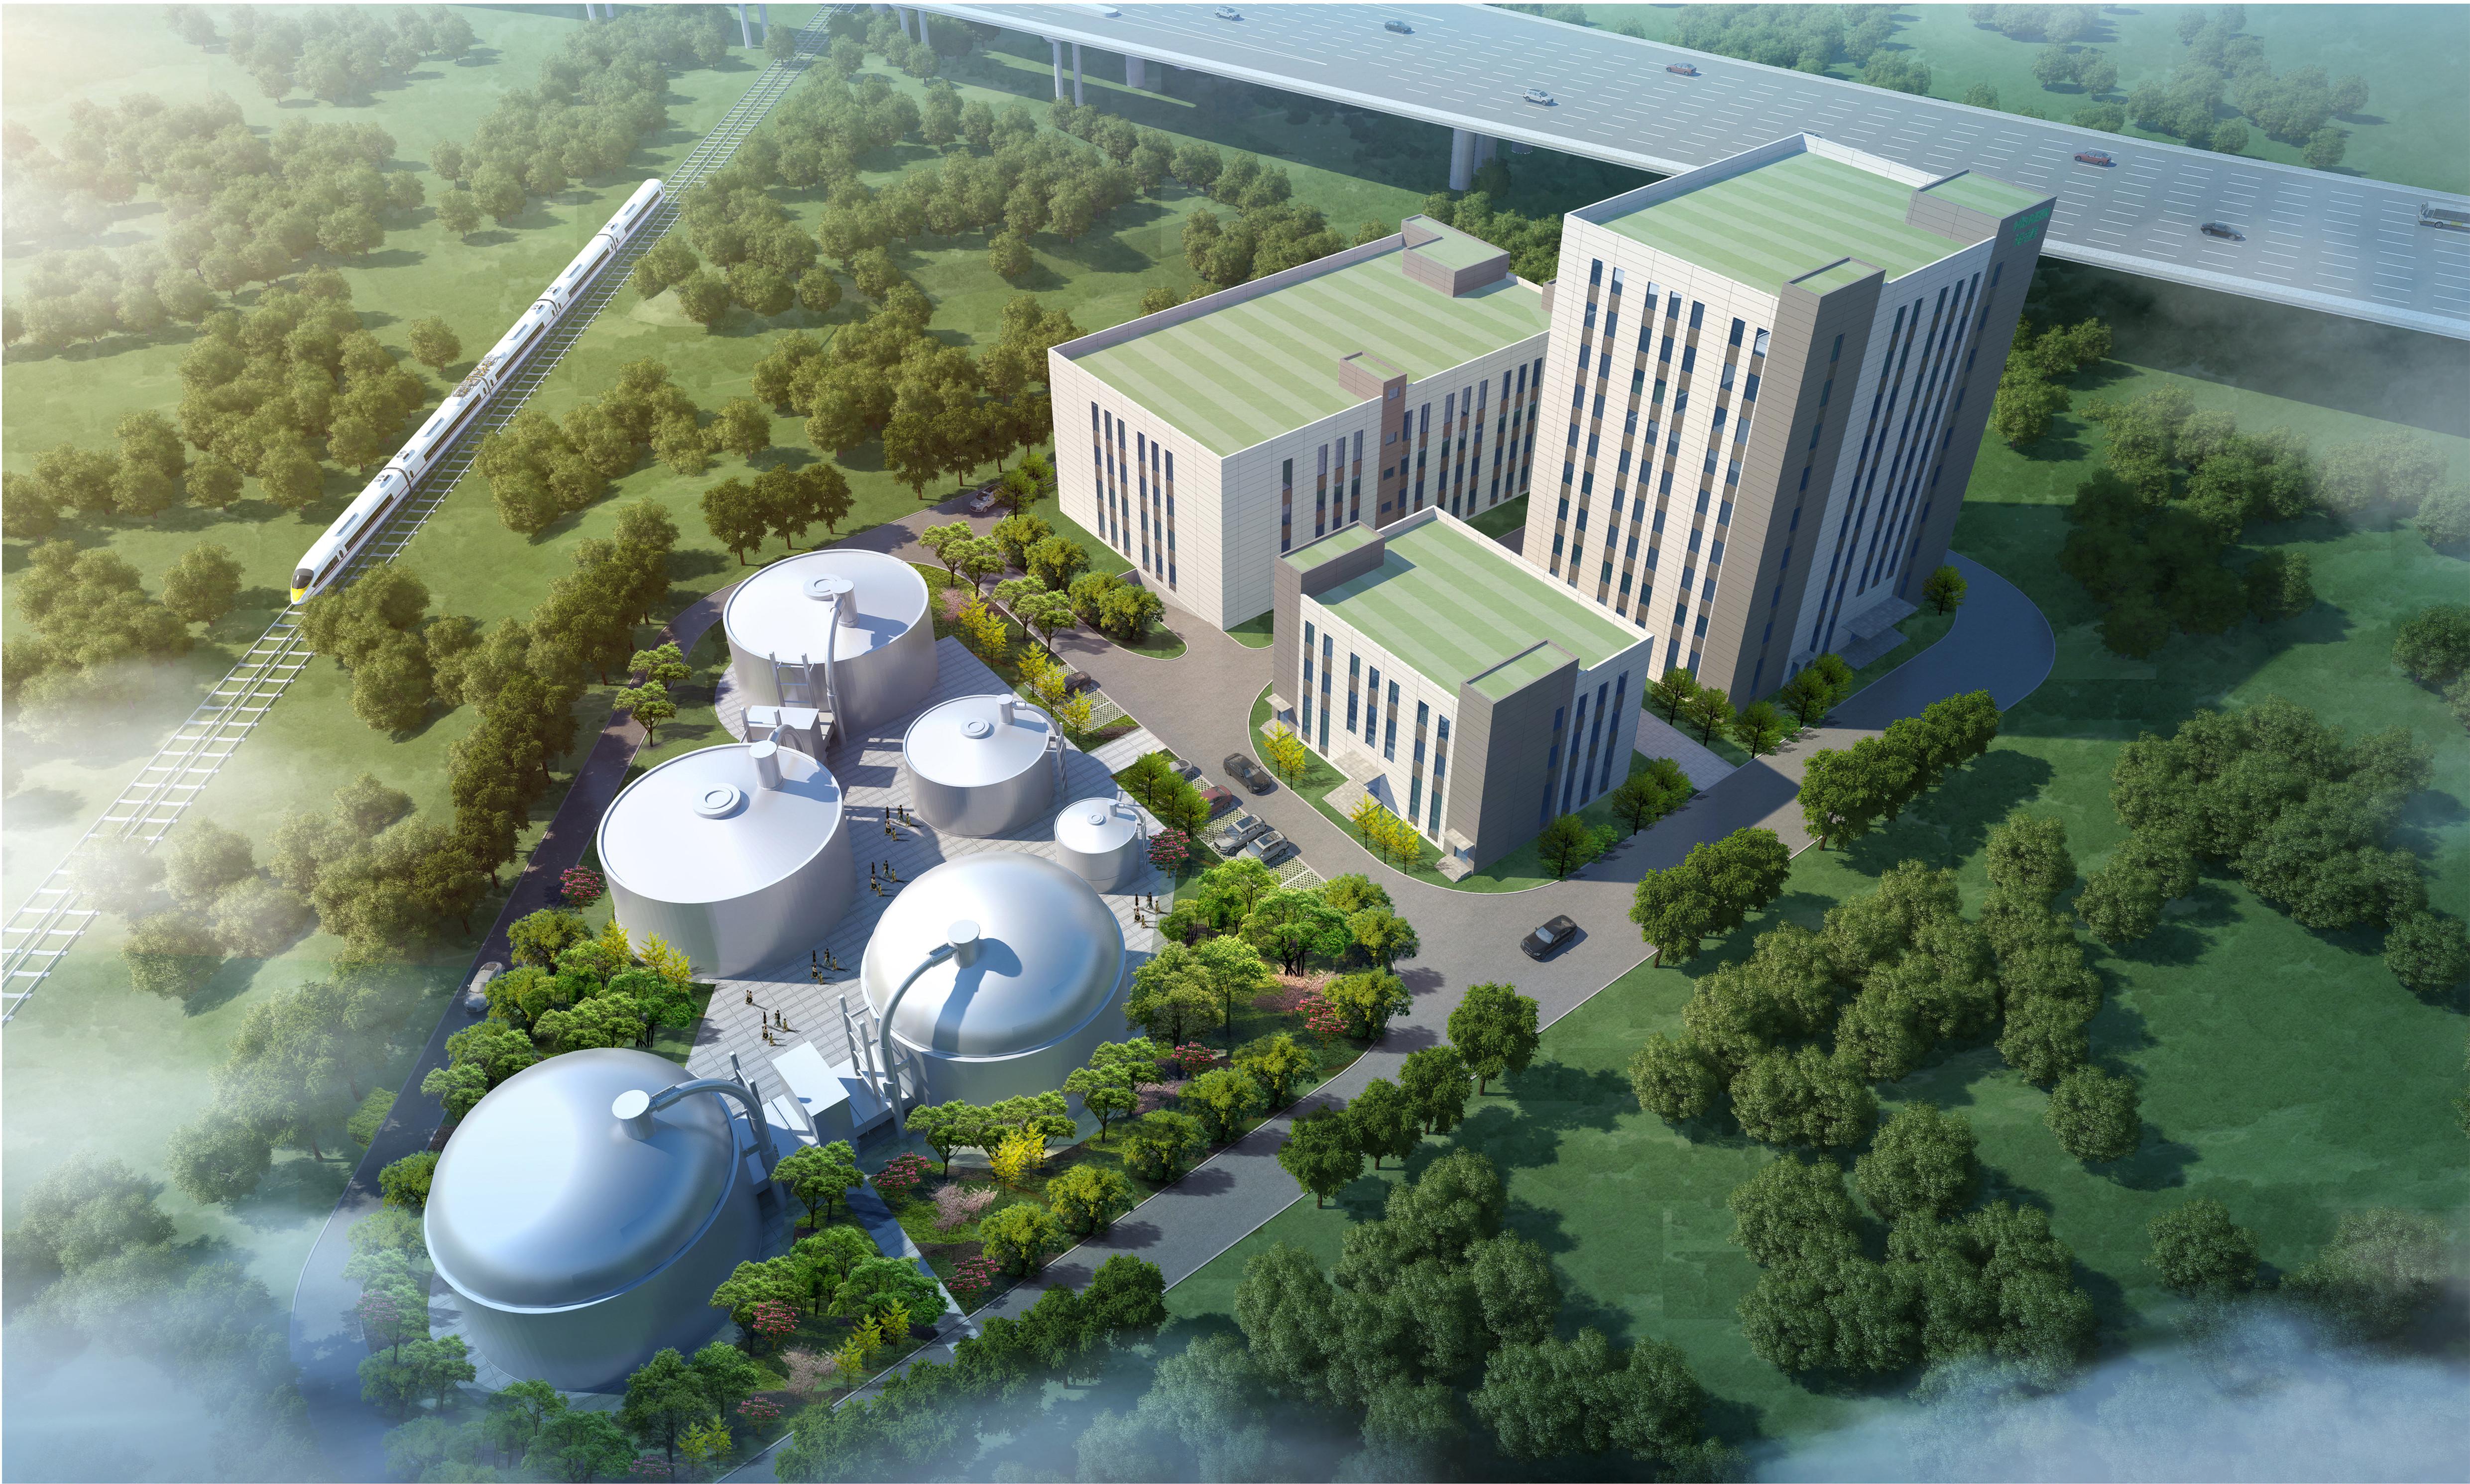 深圳市海吉星環保有限責任公司綜合環保工程設計項目